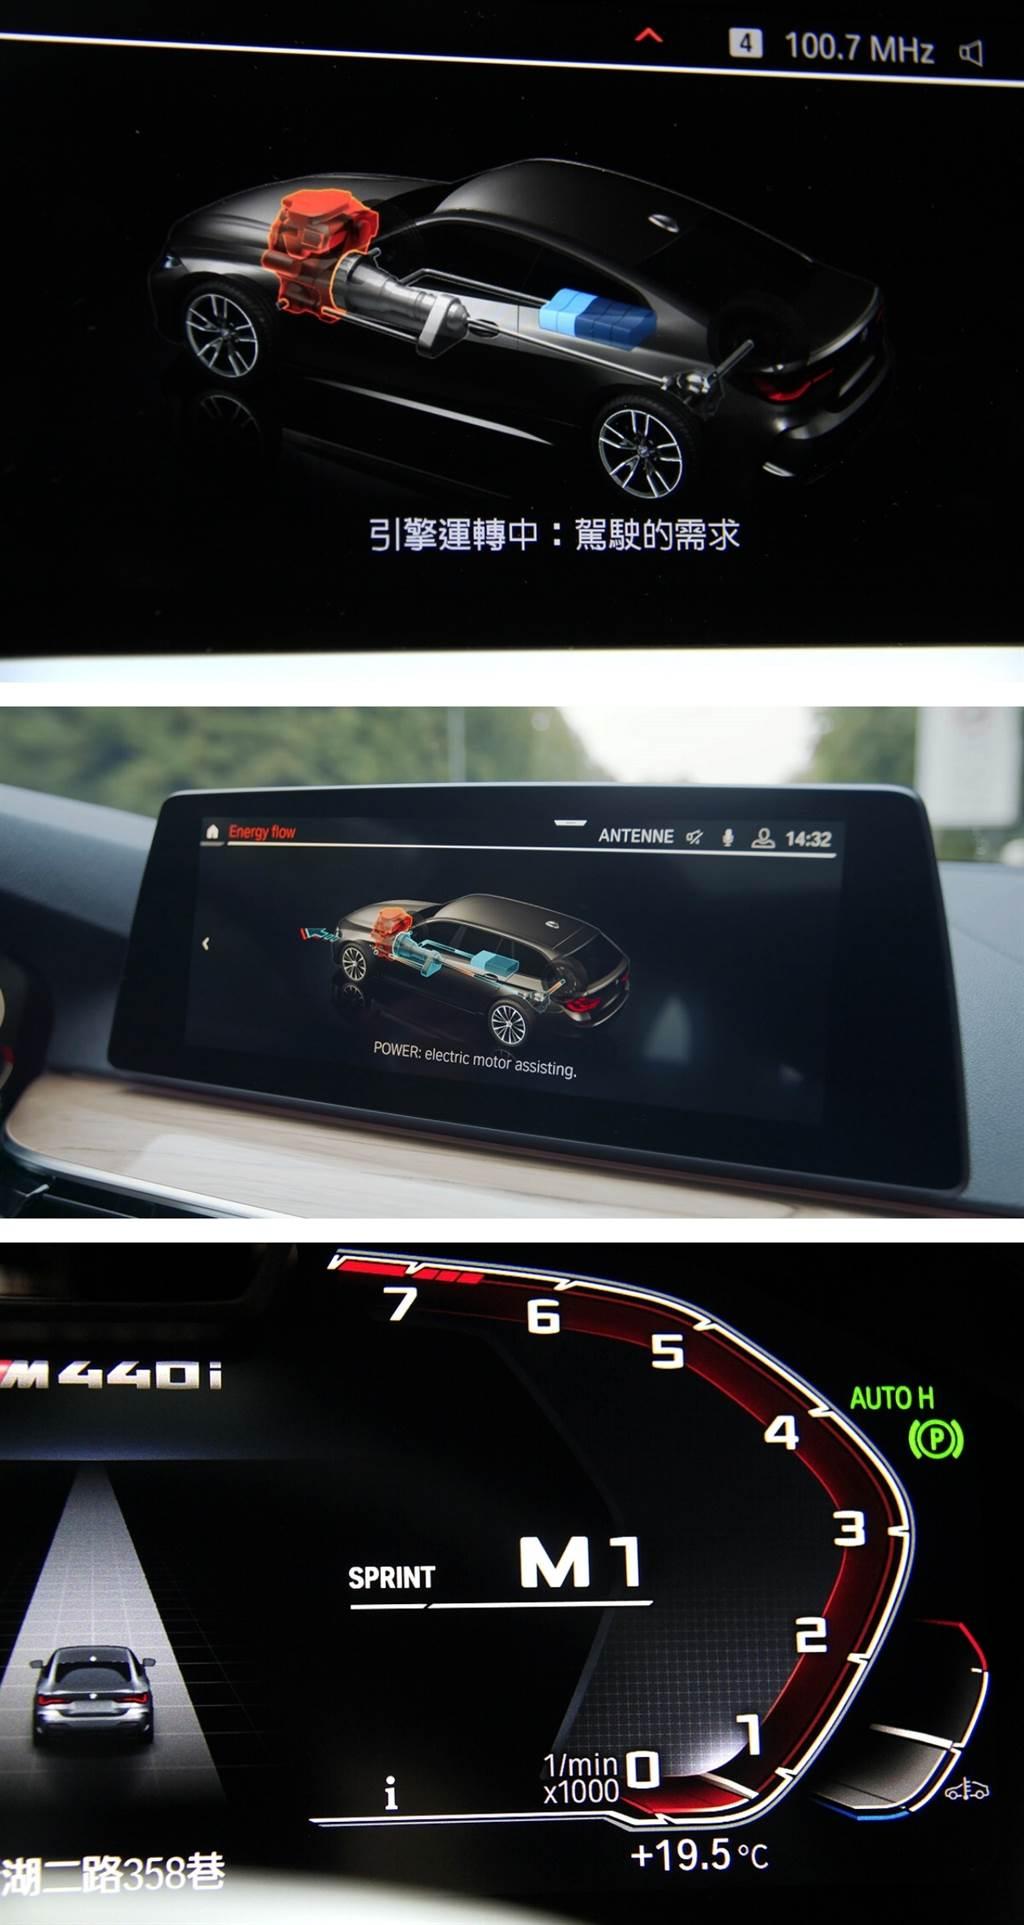 M440i xDrive搭載首次於BMW車款出現的Sprint衝刺功能,只要長按方向盤左側的換檔撥片,車輛電腦將立即切換至Sport模式,變速箱同時調整至當下轉速可容許的最低檔位(包含起步衝刺),使駕駛需要急加速時能夠更加得心應手。